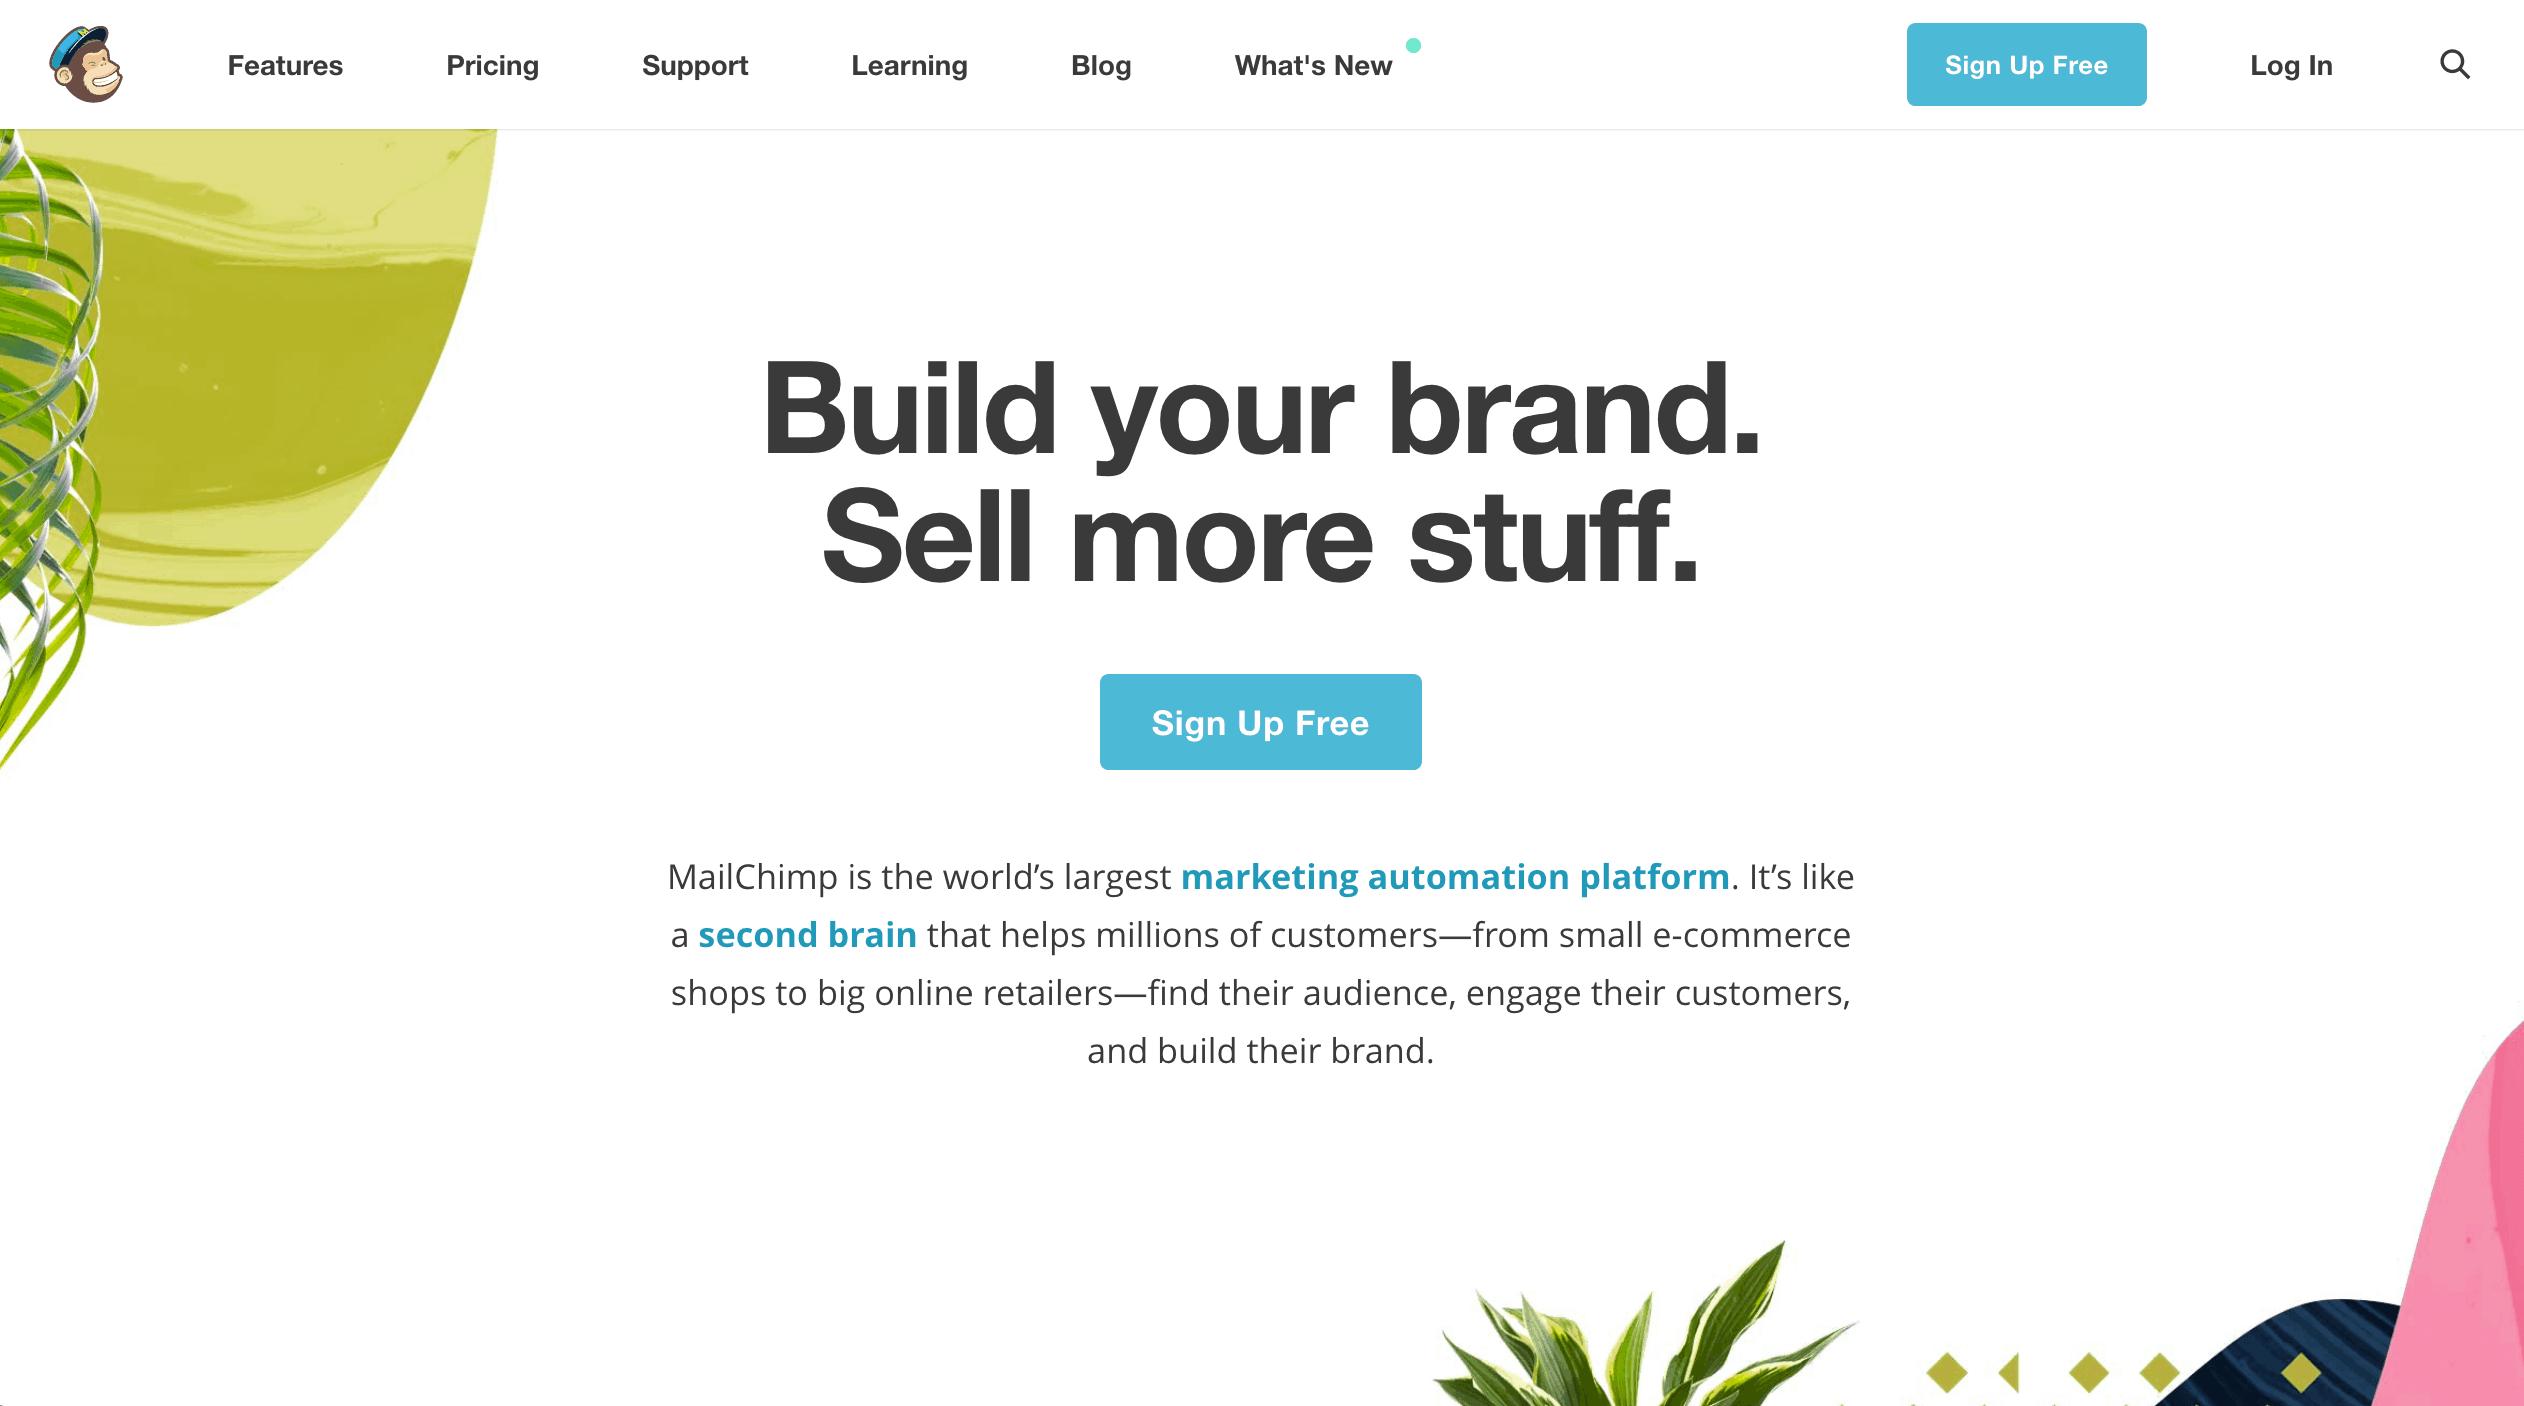 Die E-Mail-Marketing-Software für kleine und mittlere Unternehmen: MailChimp